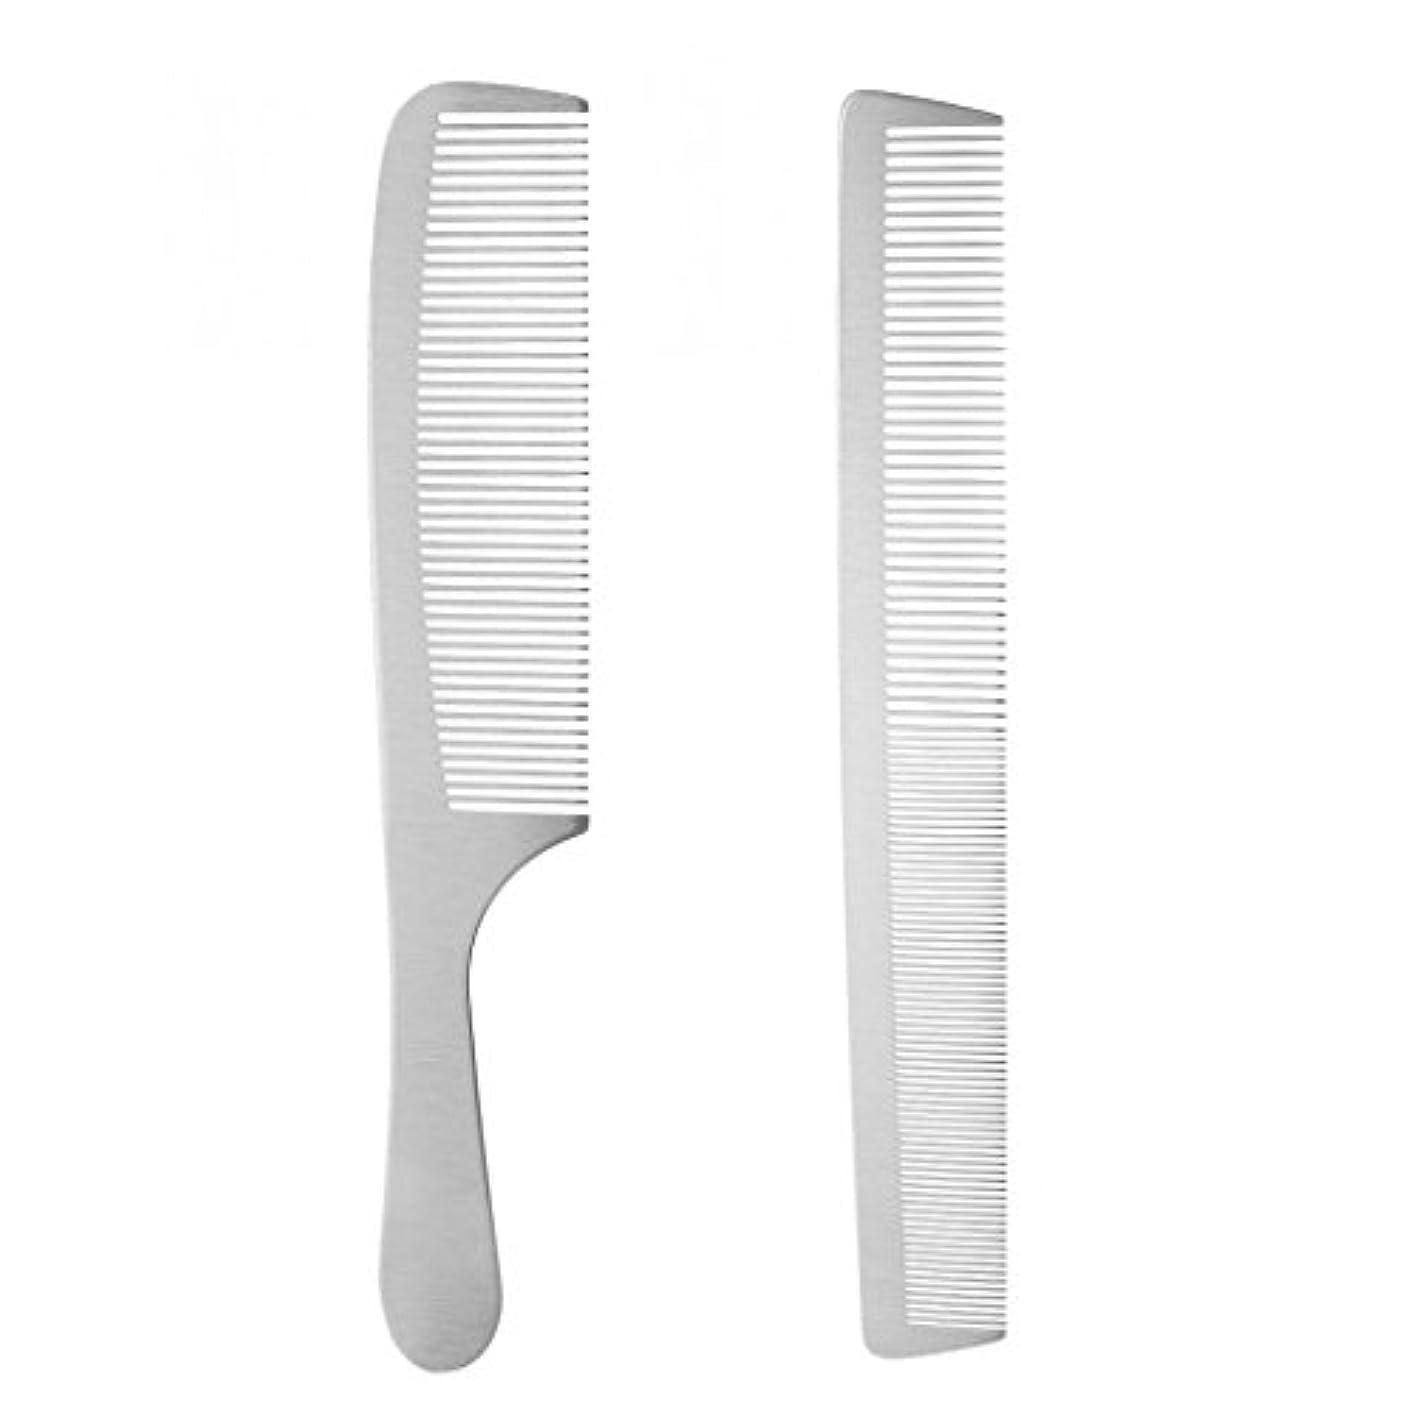 許されるアクセスできない解体するCUTICATE 2倍美容院ヘアカットツールヘアスタイリングブラシヘアスタイリングくし理容ツール